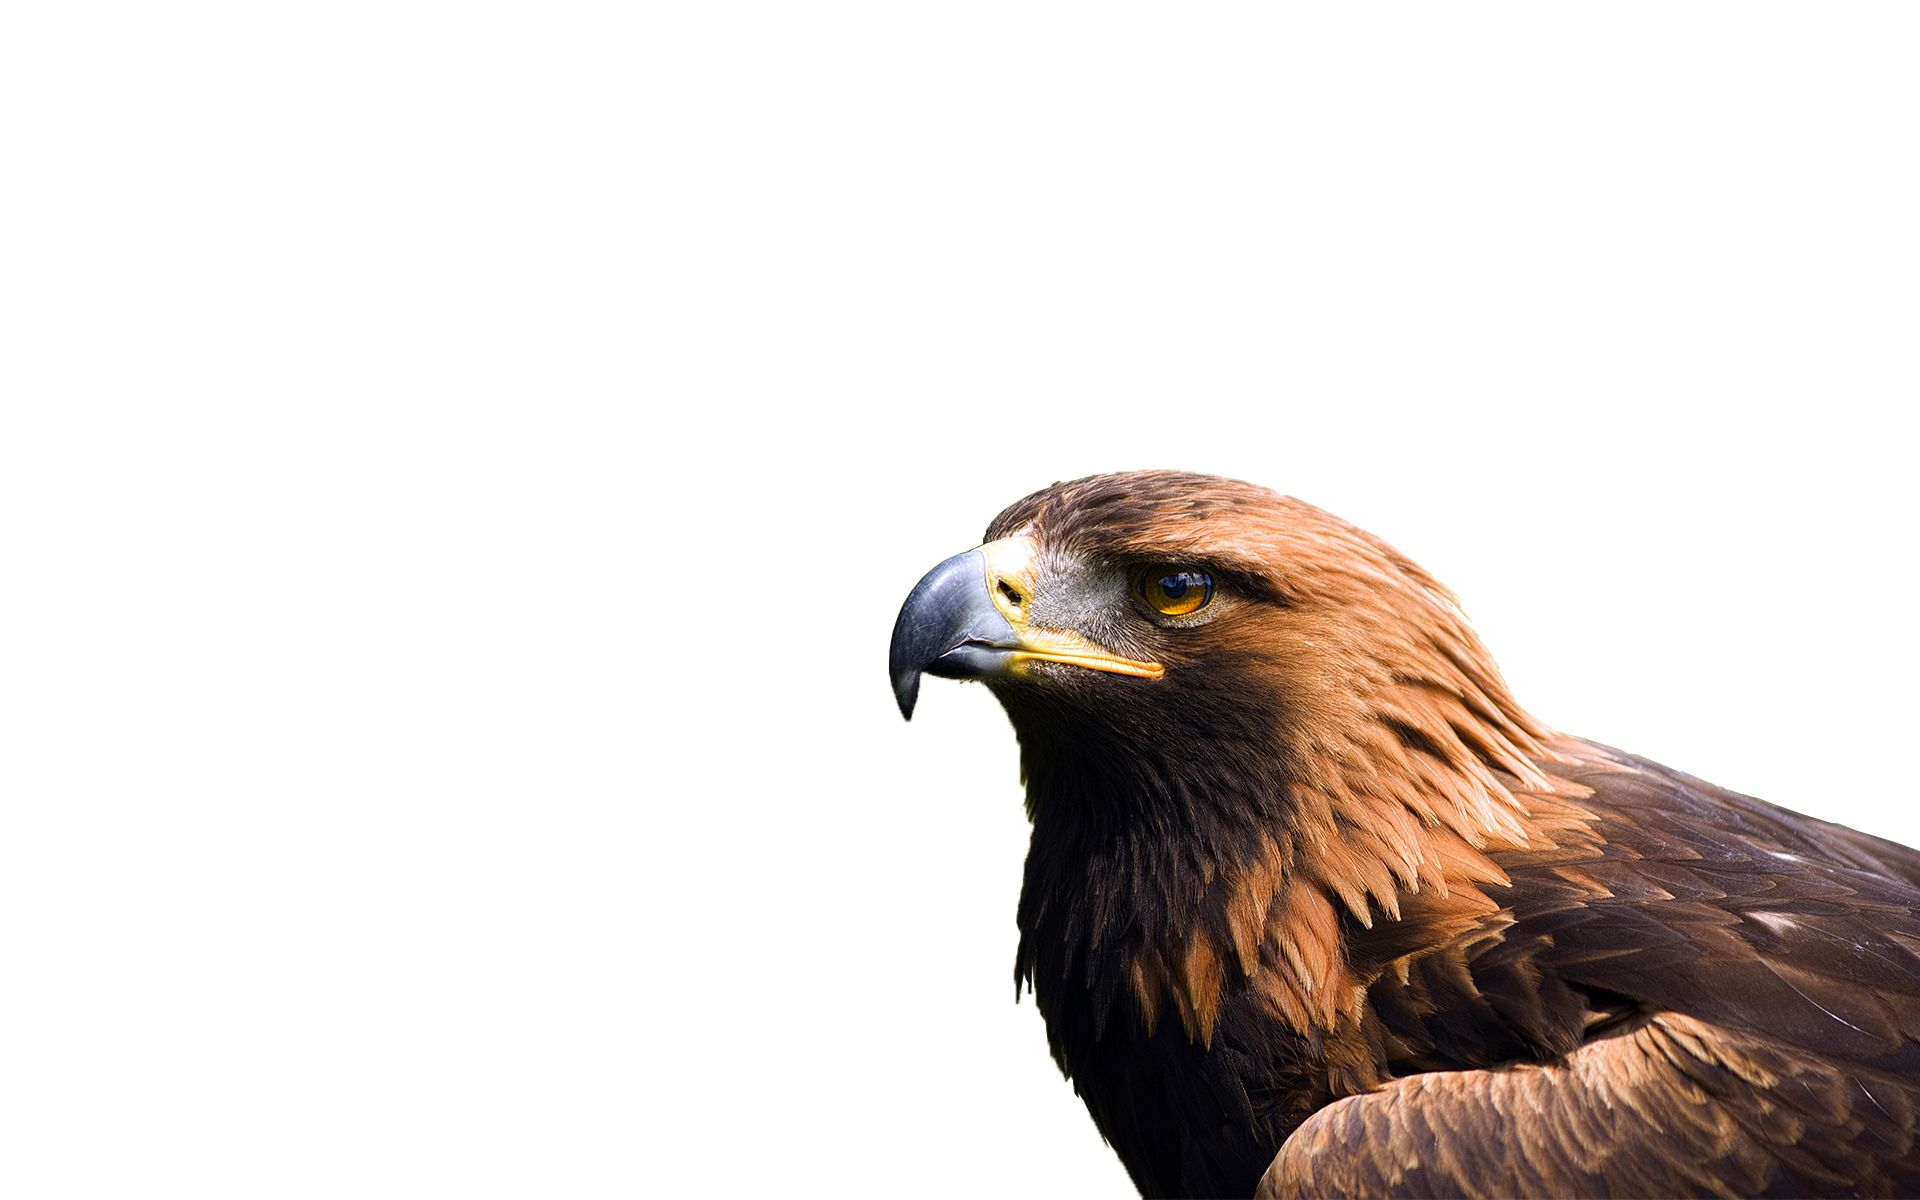 golden eagle | Eagles | Pinterest | Golden eagle and Eagle wallpaper